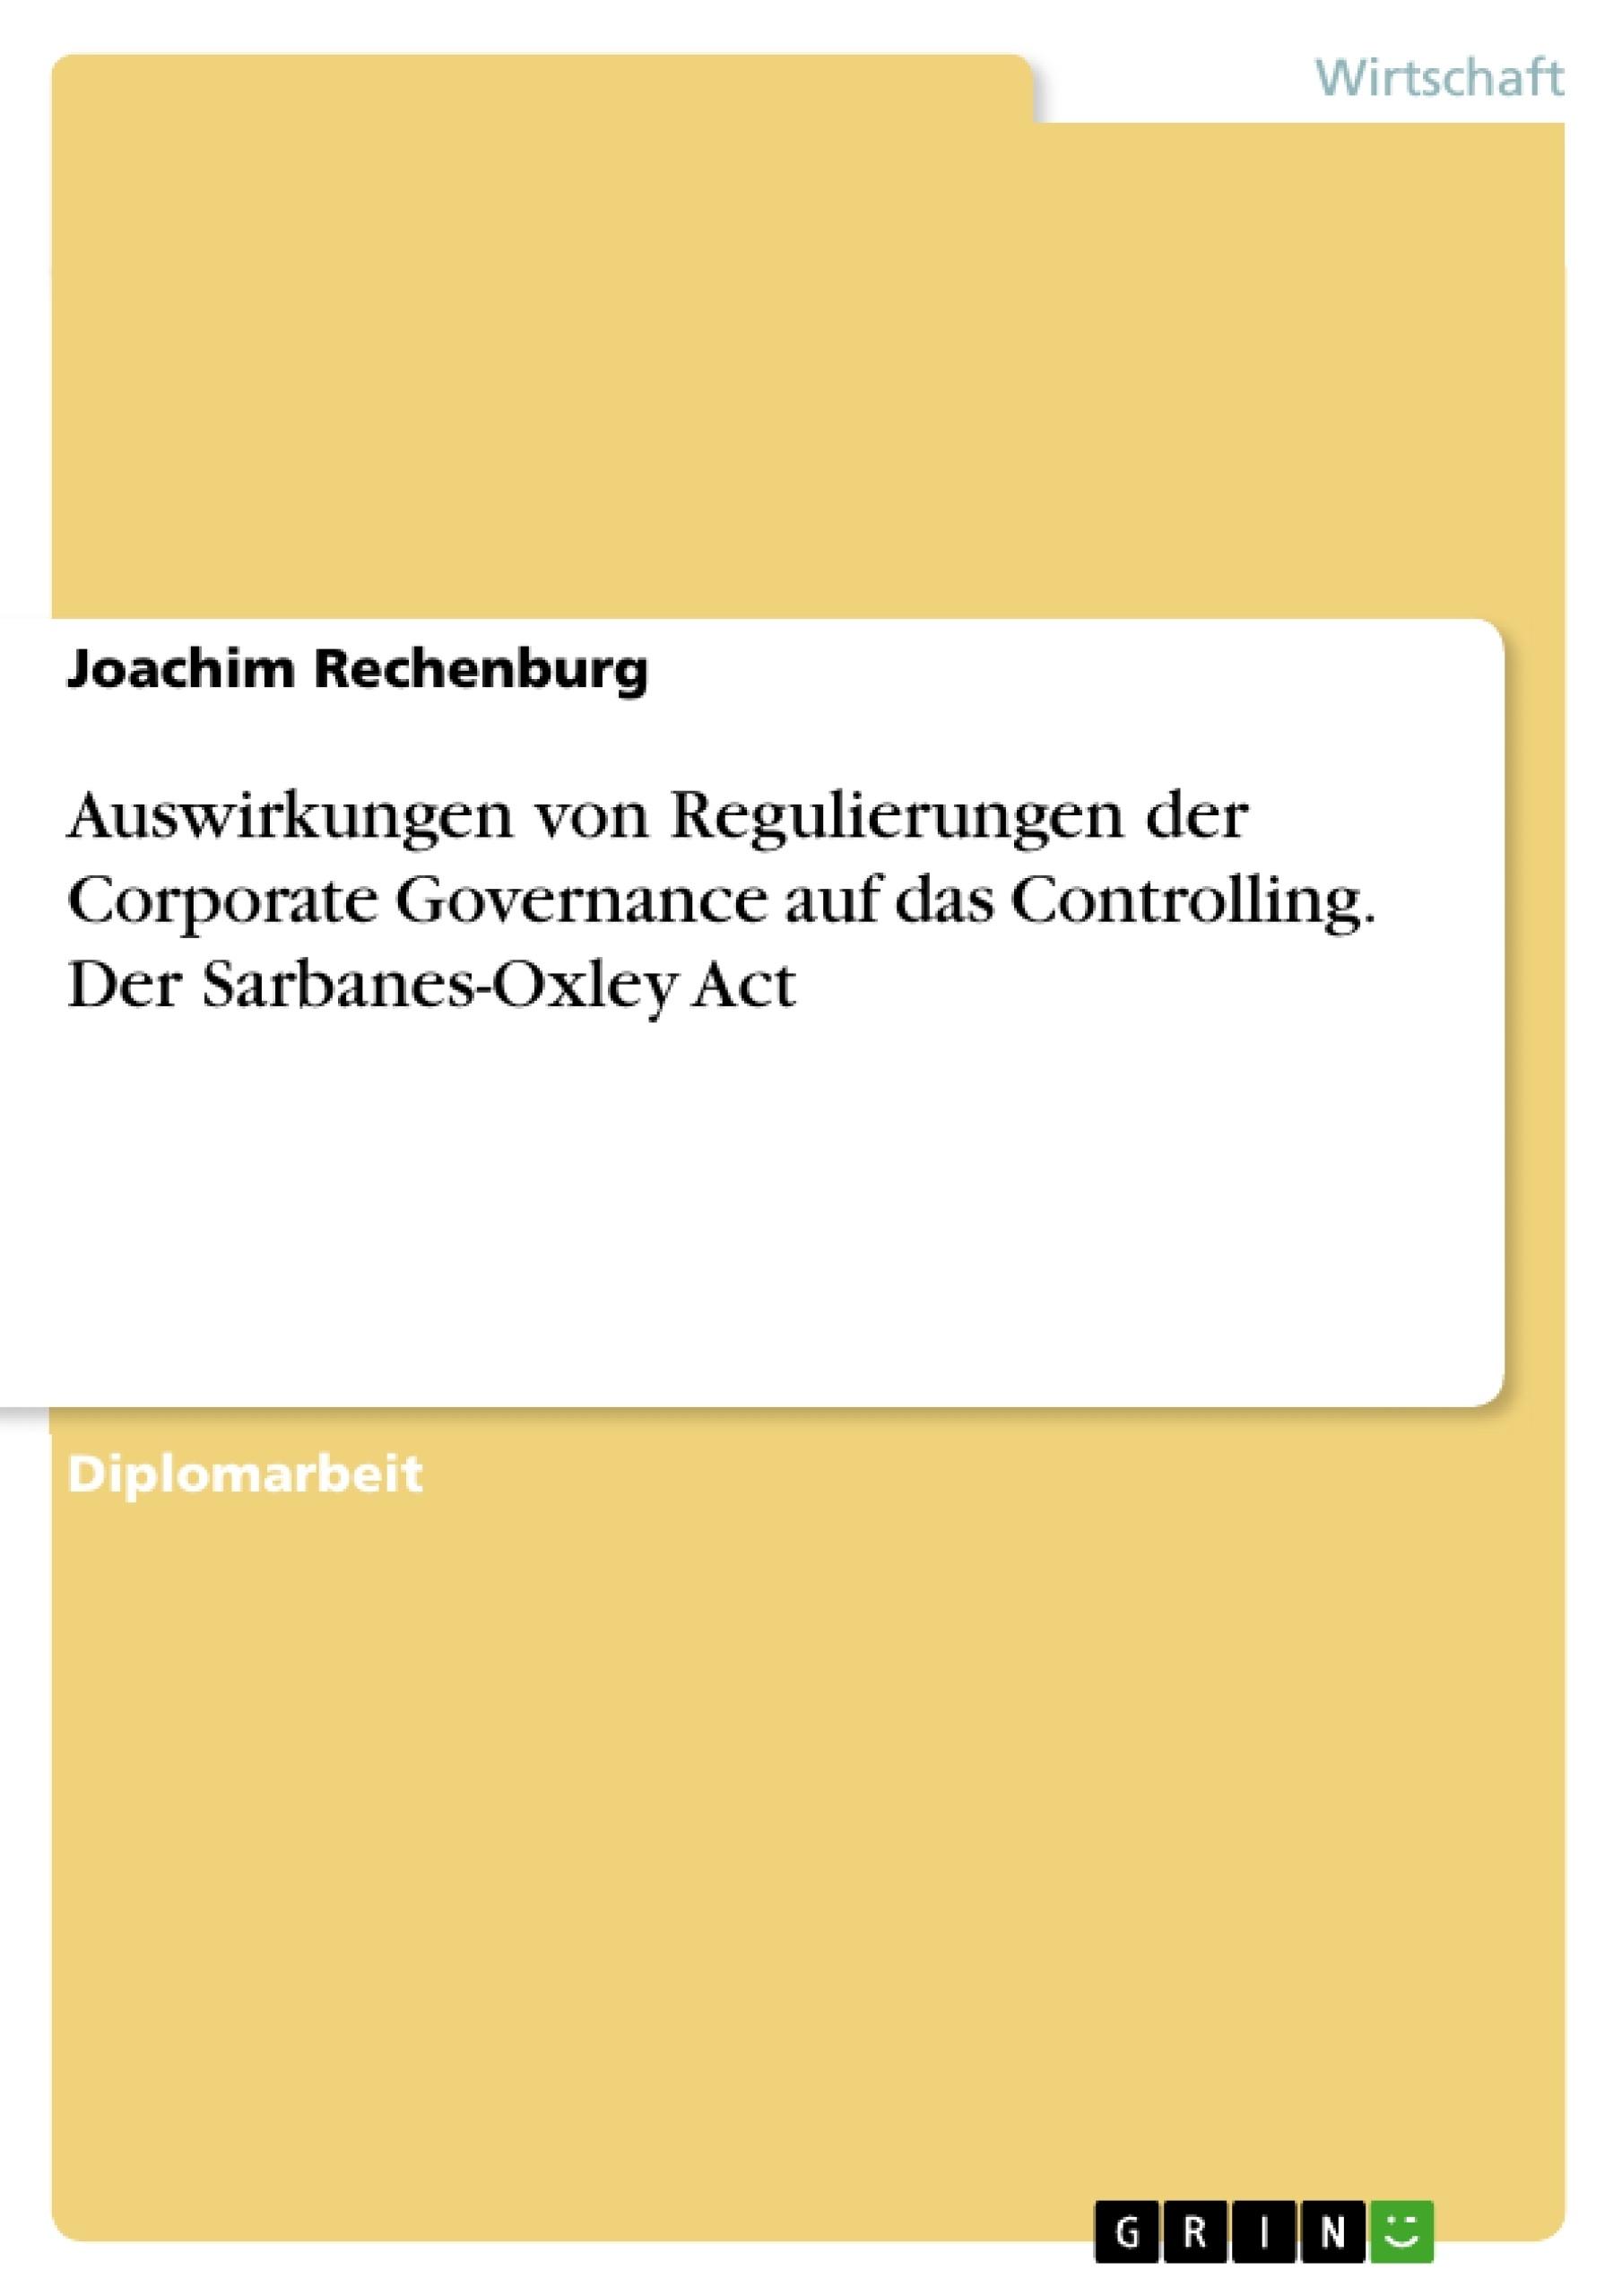 Titel: Auswirkungen von Regulierungen der Corporate Governance auf das Controlling. Der Sarbanes-Oxley Act